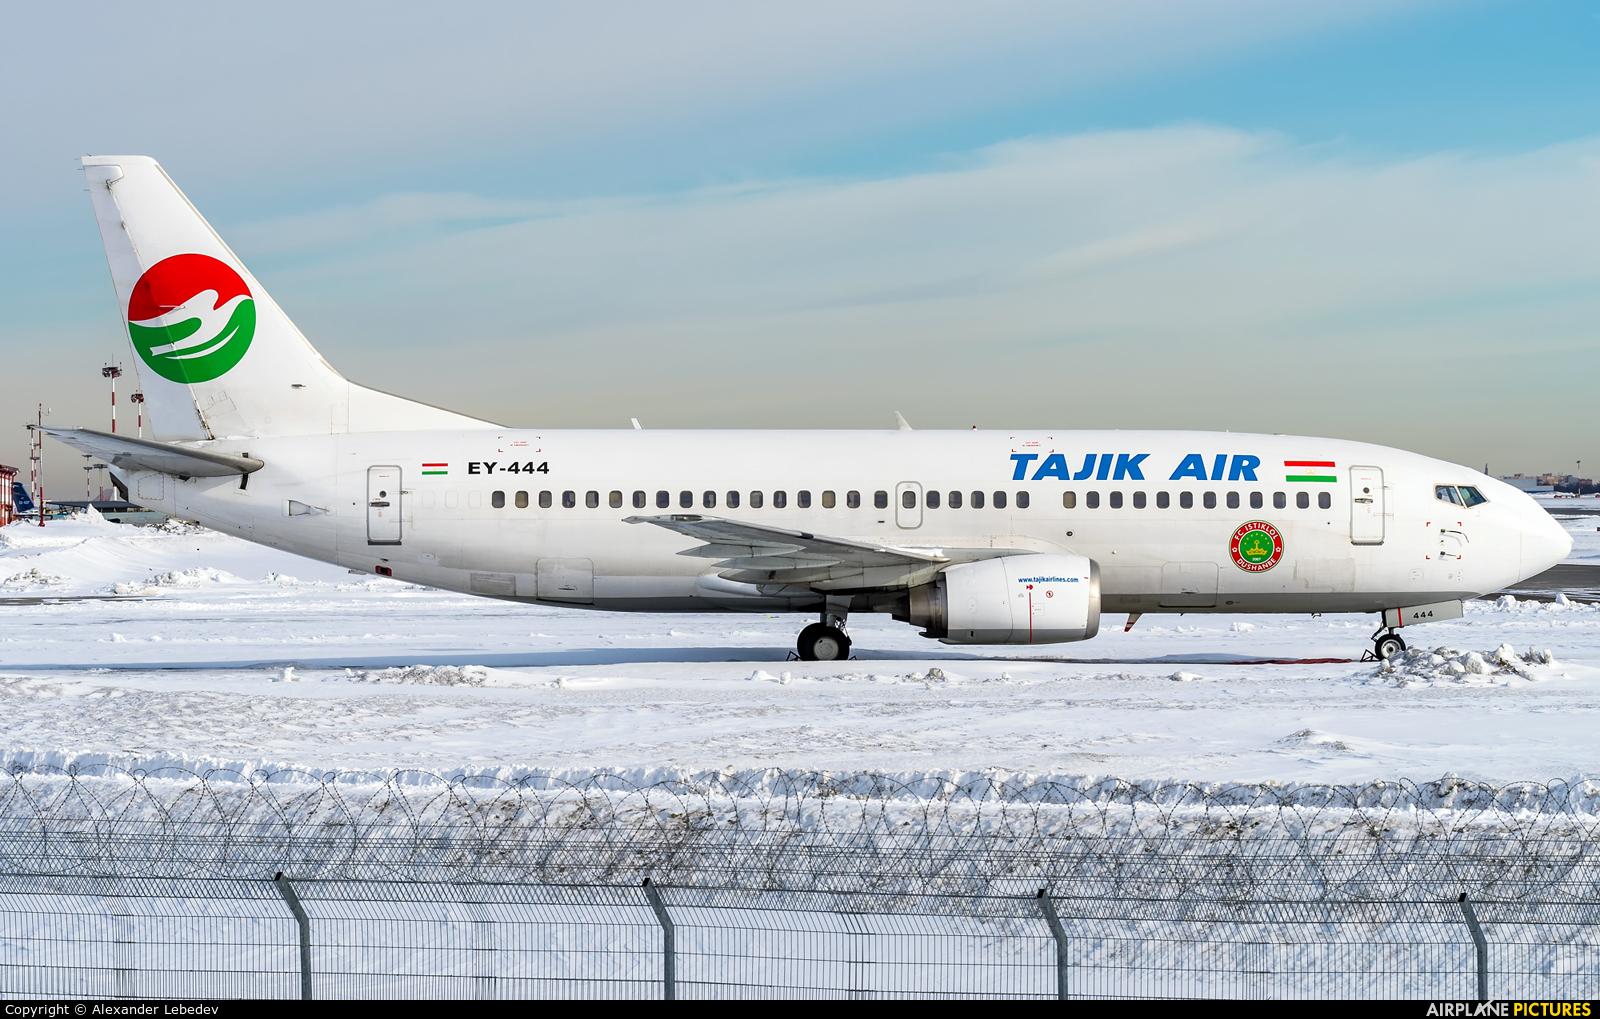 Tajik Air EY-444 aircraft at Moscow - Vnukovo